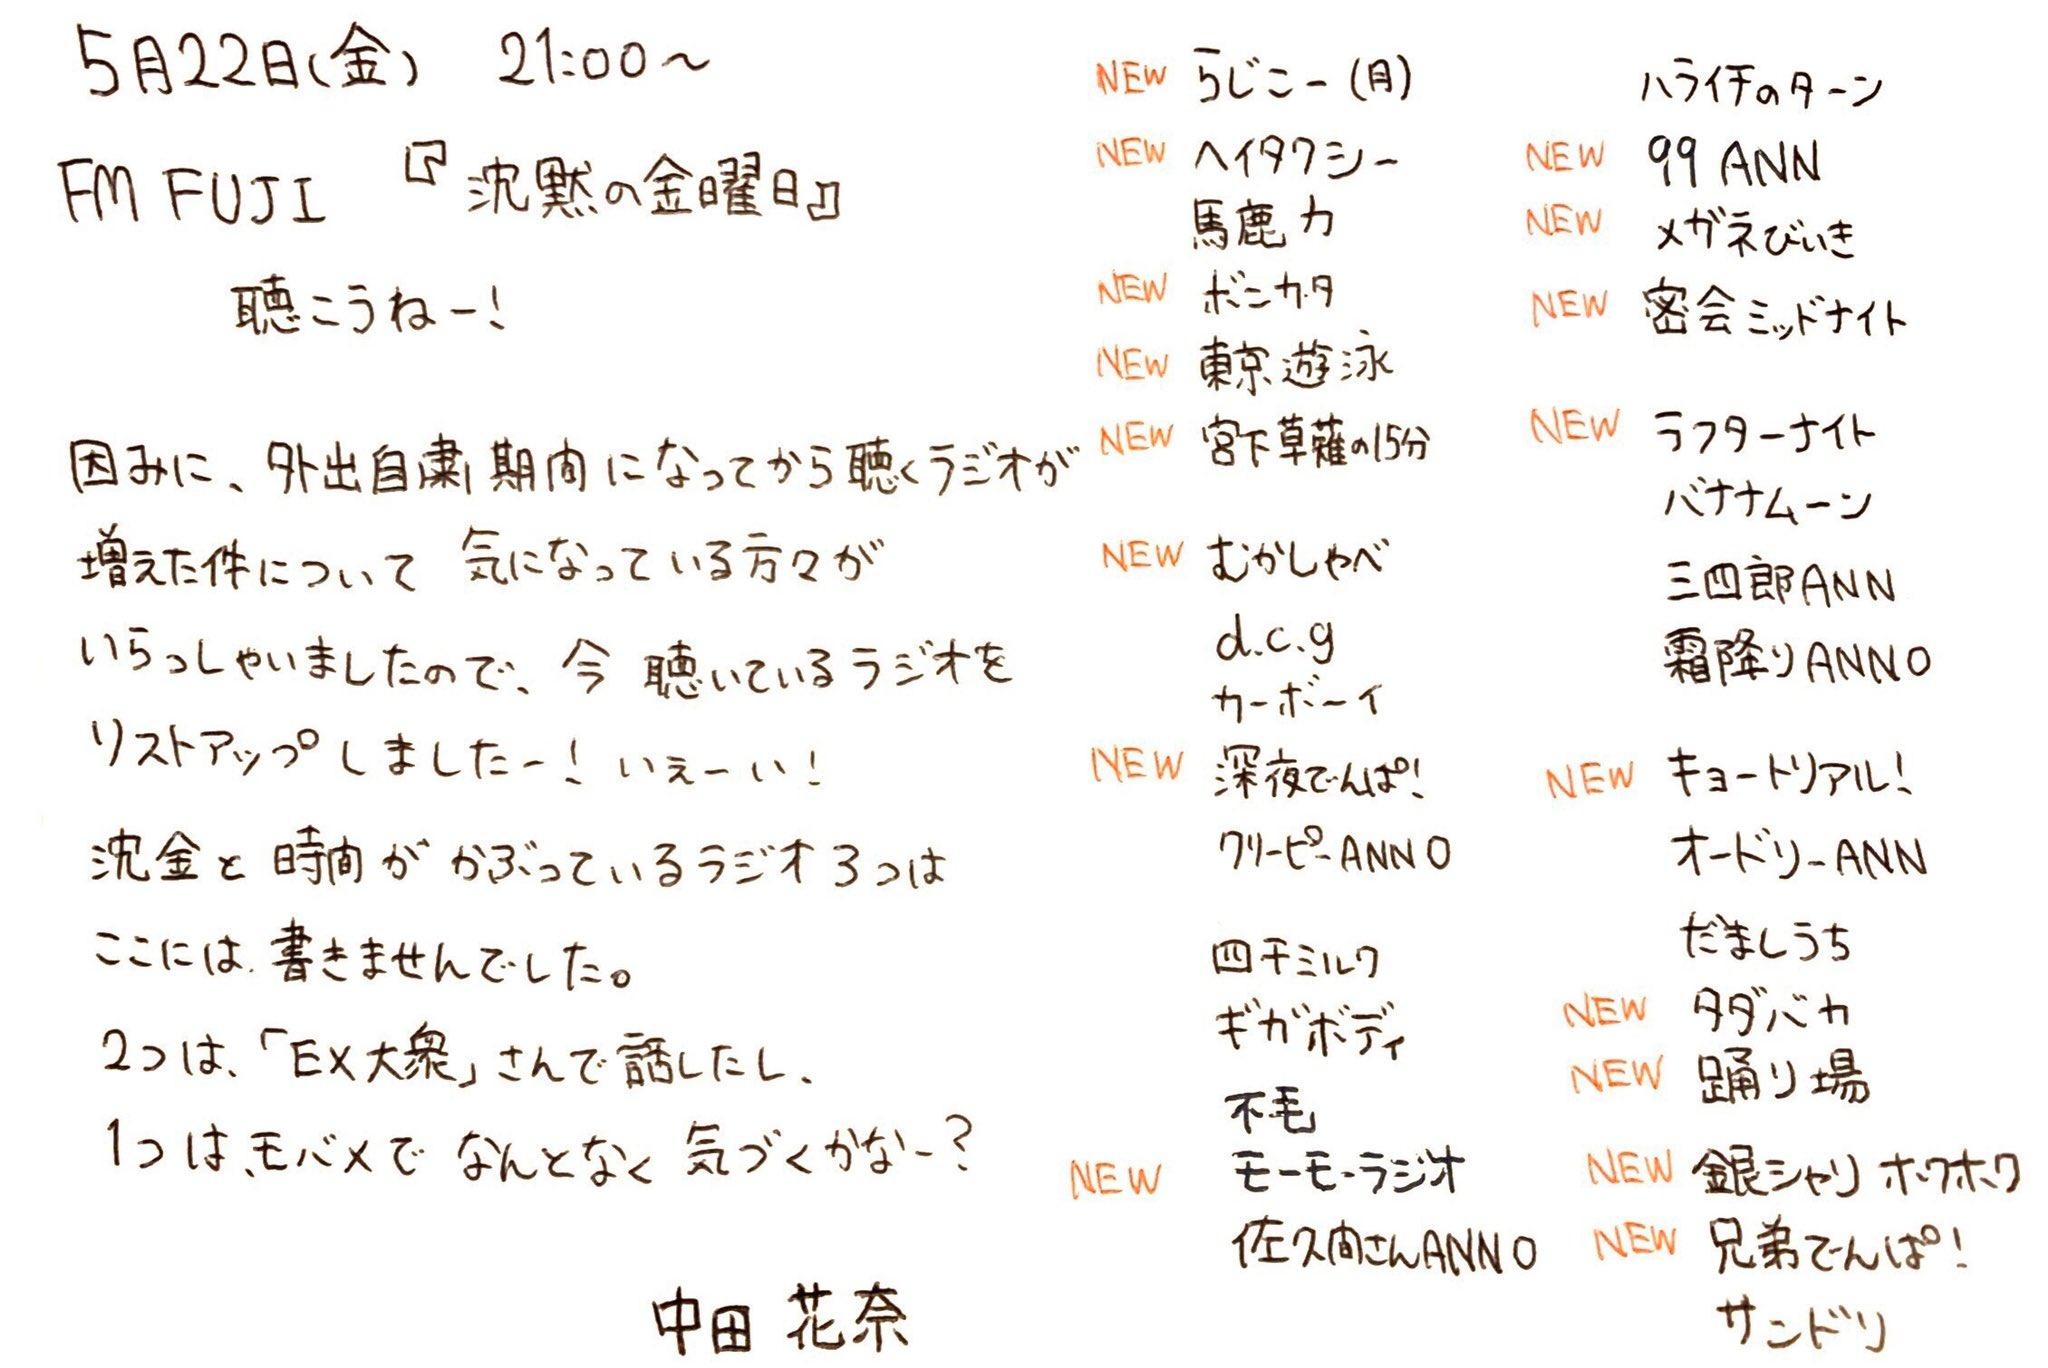 中田花奈「聴くラジオが増えた件について、今聴いているラジオをリストアップしましたー!」